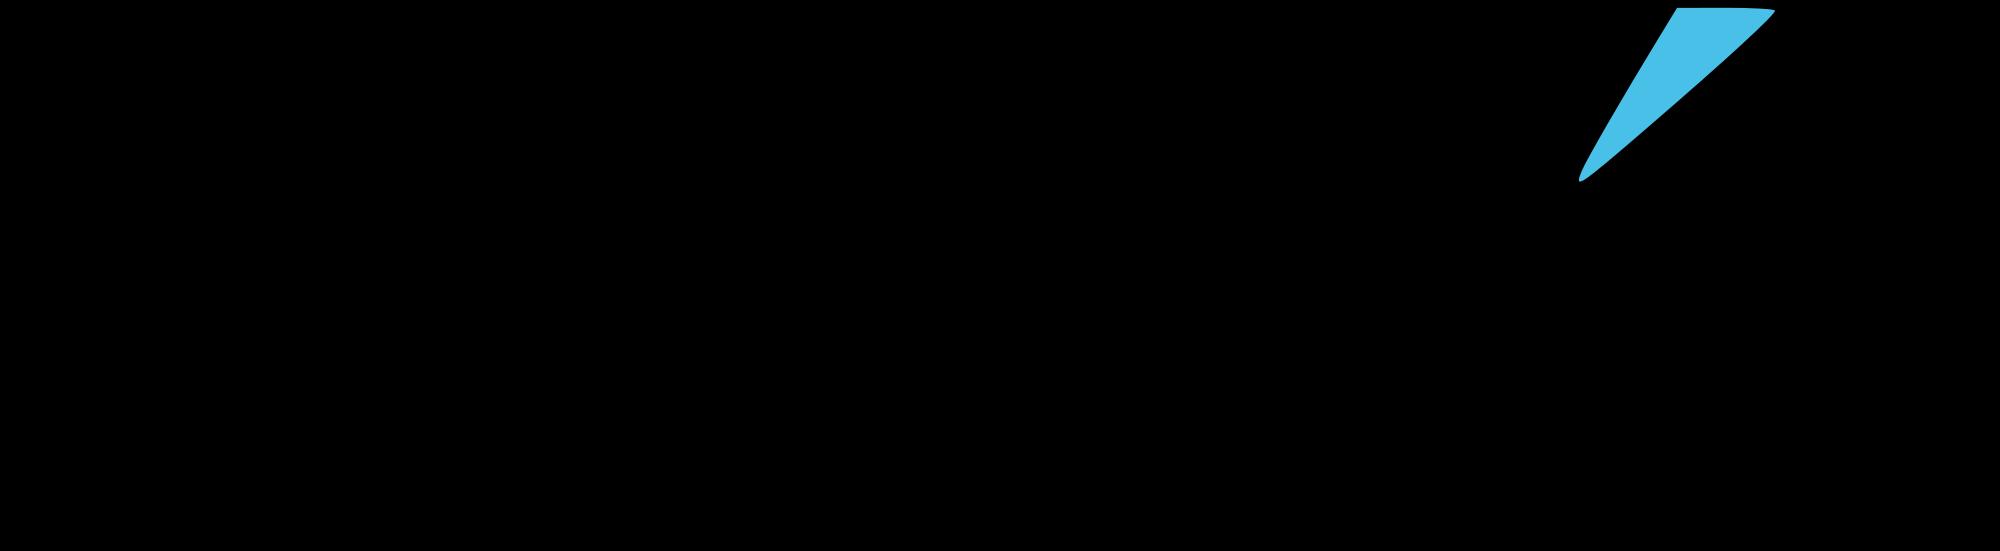 aq_block_27